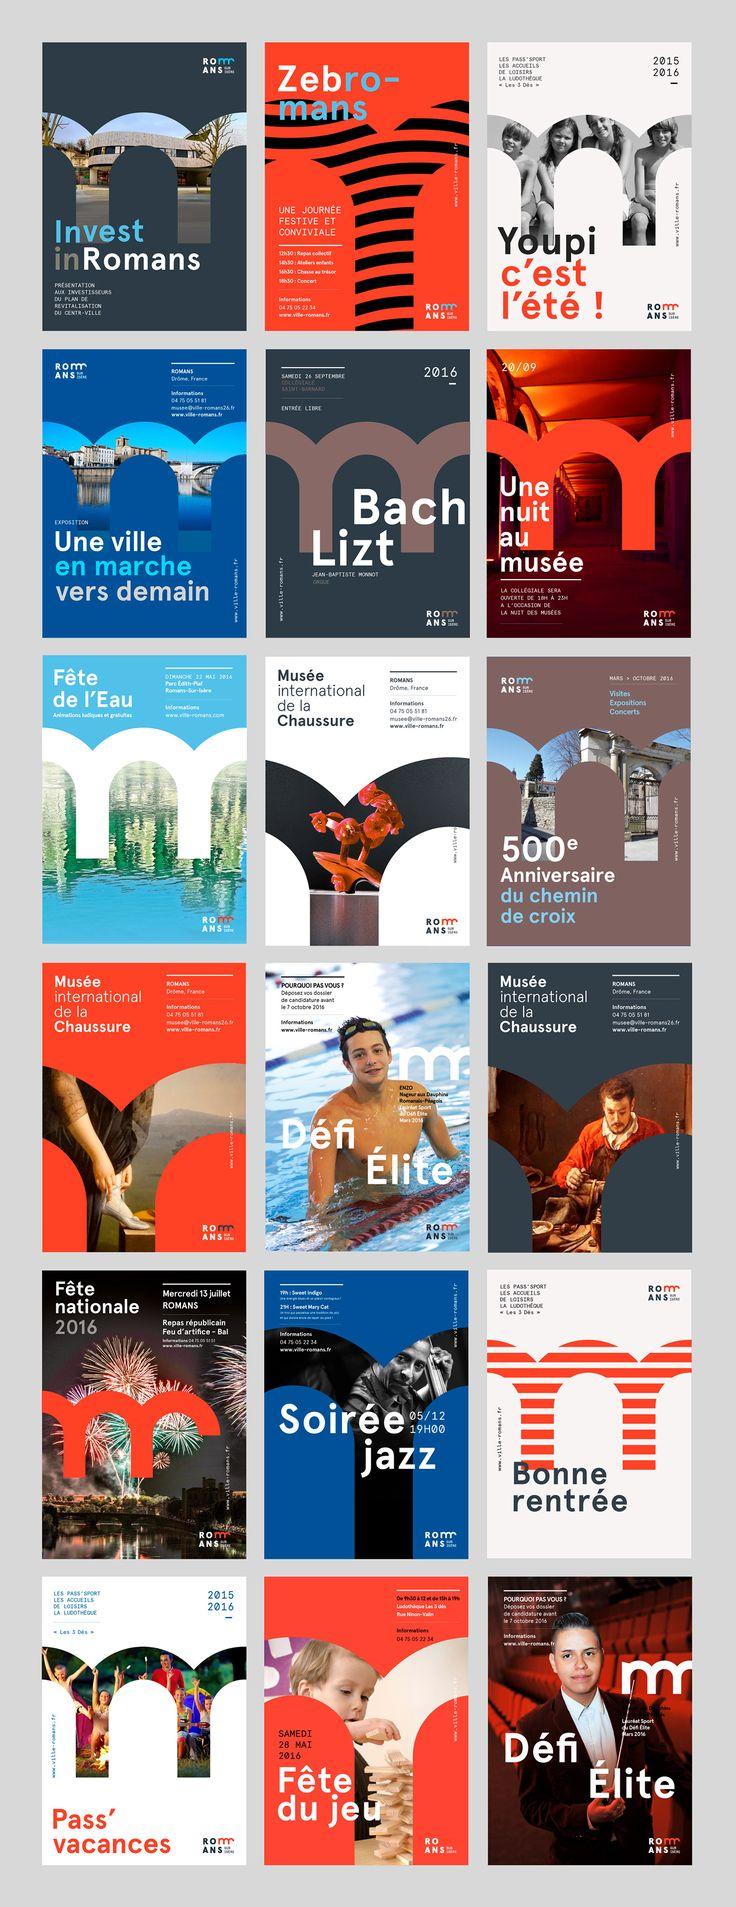 Romans-Sur-Isère - Brand Design on Behance